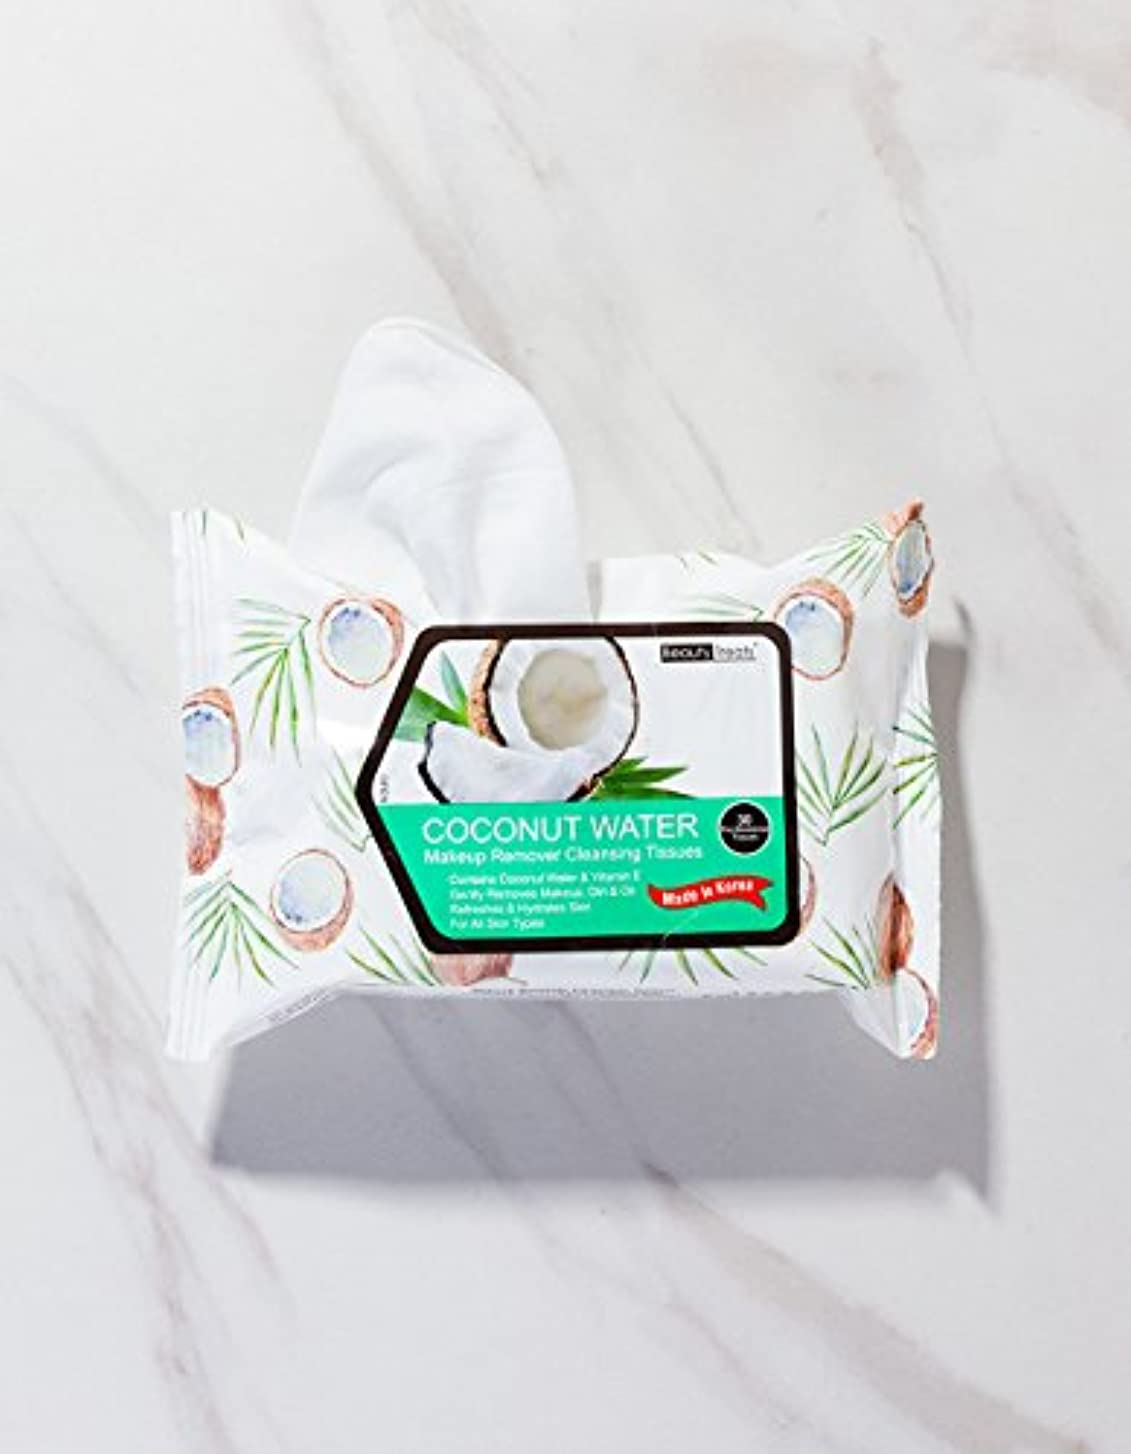 反対にペルメルキャンセルBEAUTY TREATS Coconut Water Makeup Remover Cleaning Tissues (並行輸入品)